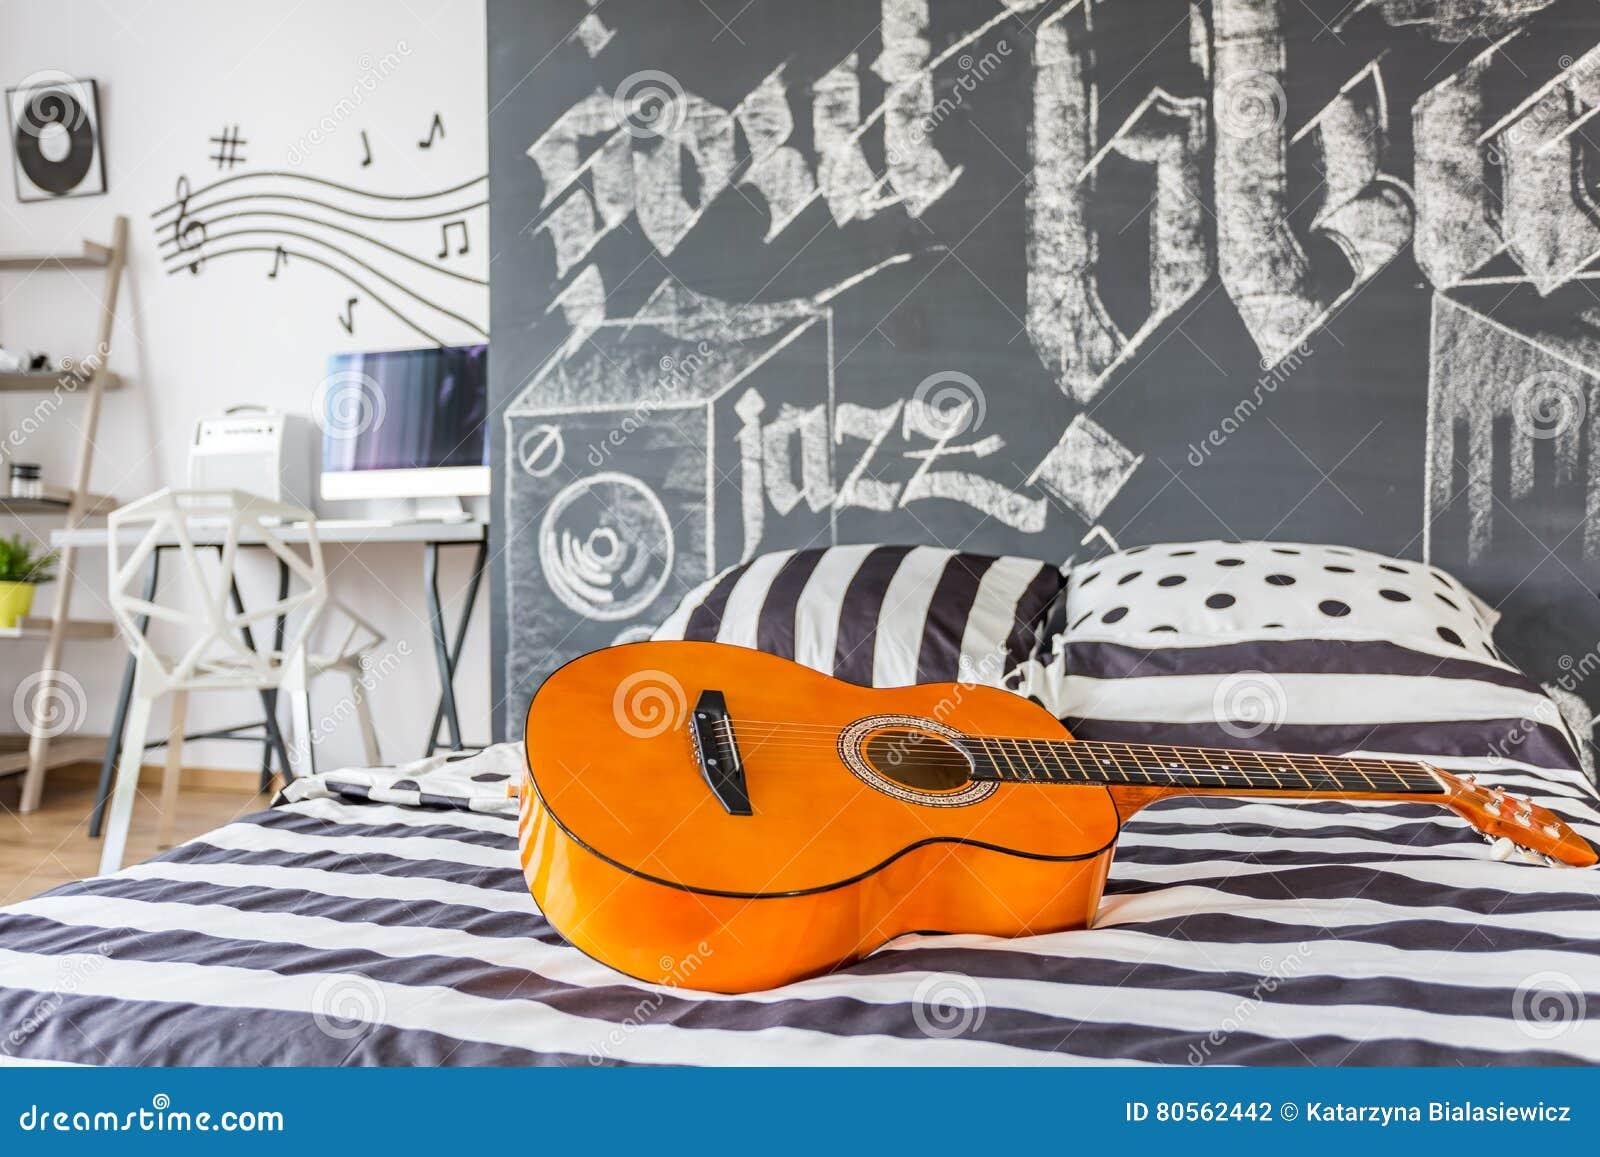 La Musica Ha Ispirato La Camera Da Letto Fotografia Stock - Immagine ...